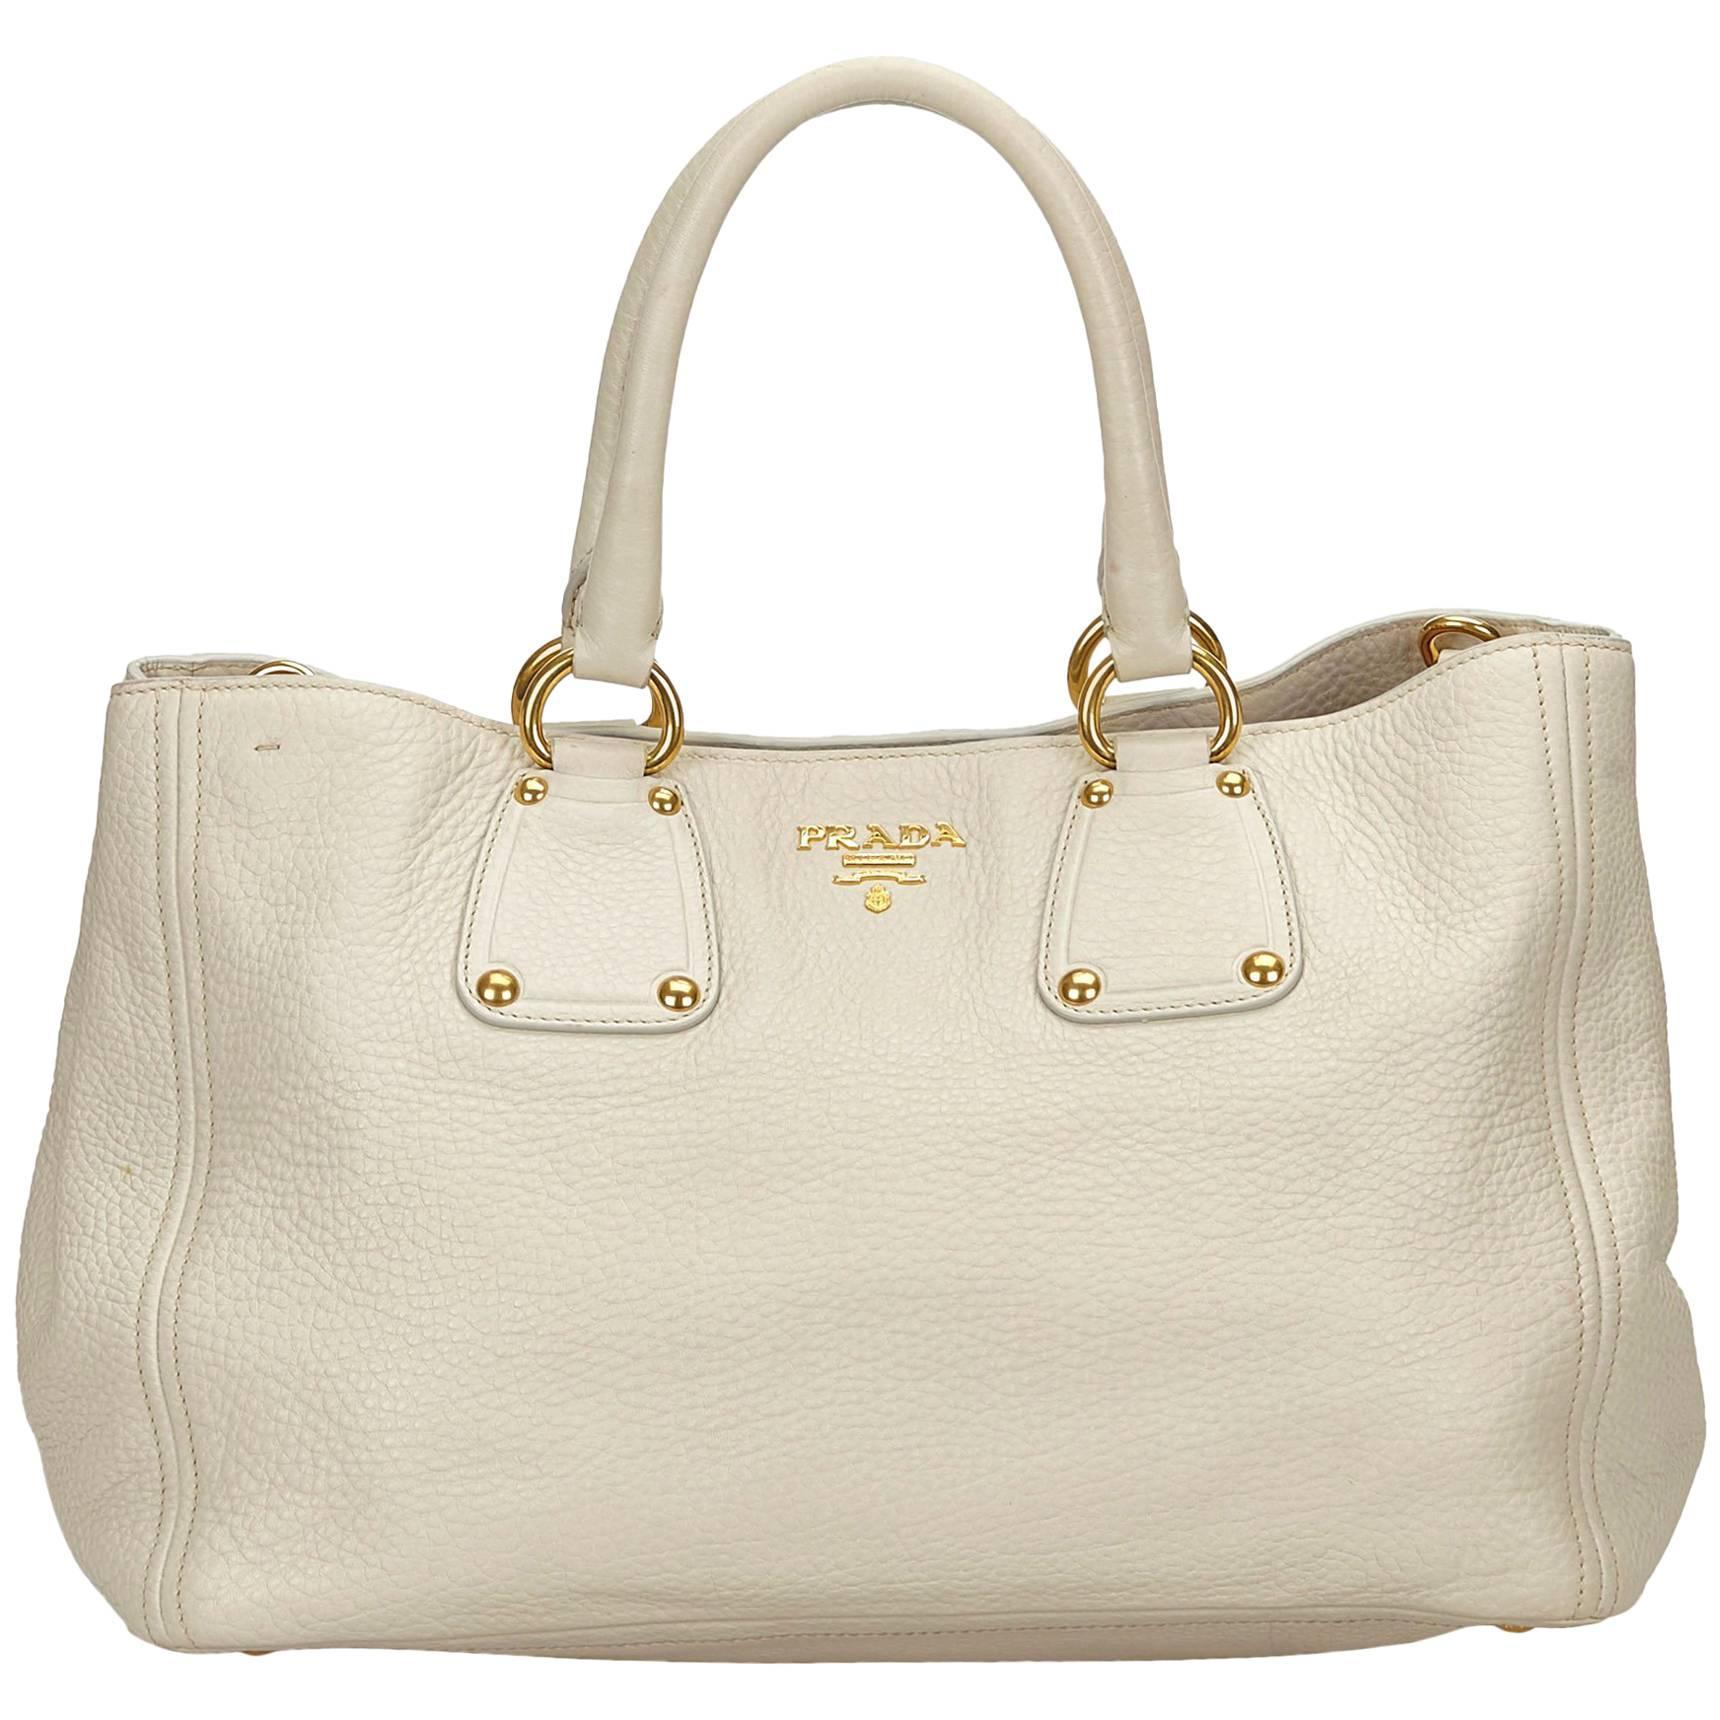 83bc19611272 ... uk prada white vitello daino leather handbag for sale 7c9aa 0190d